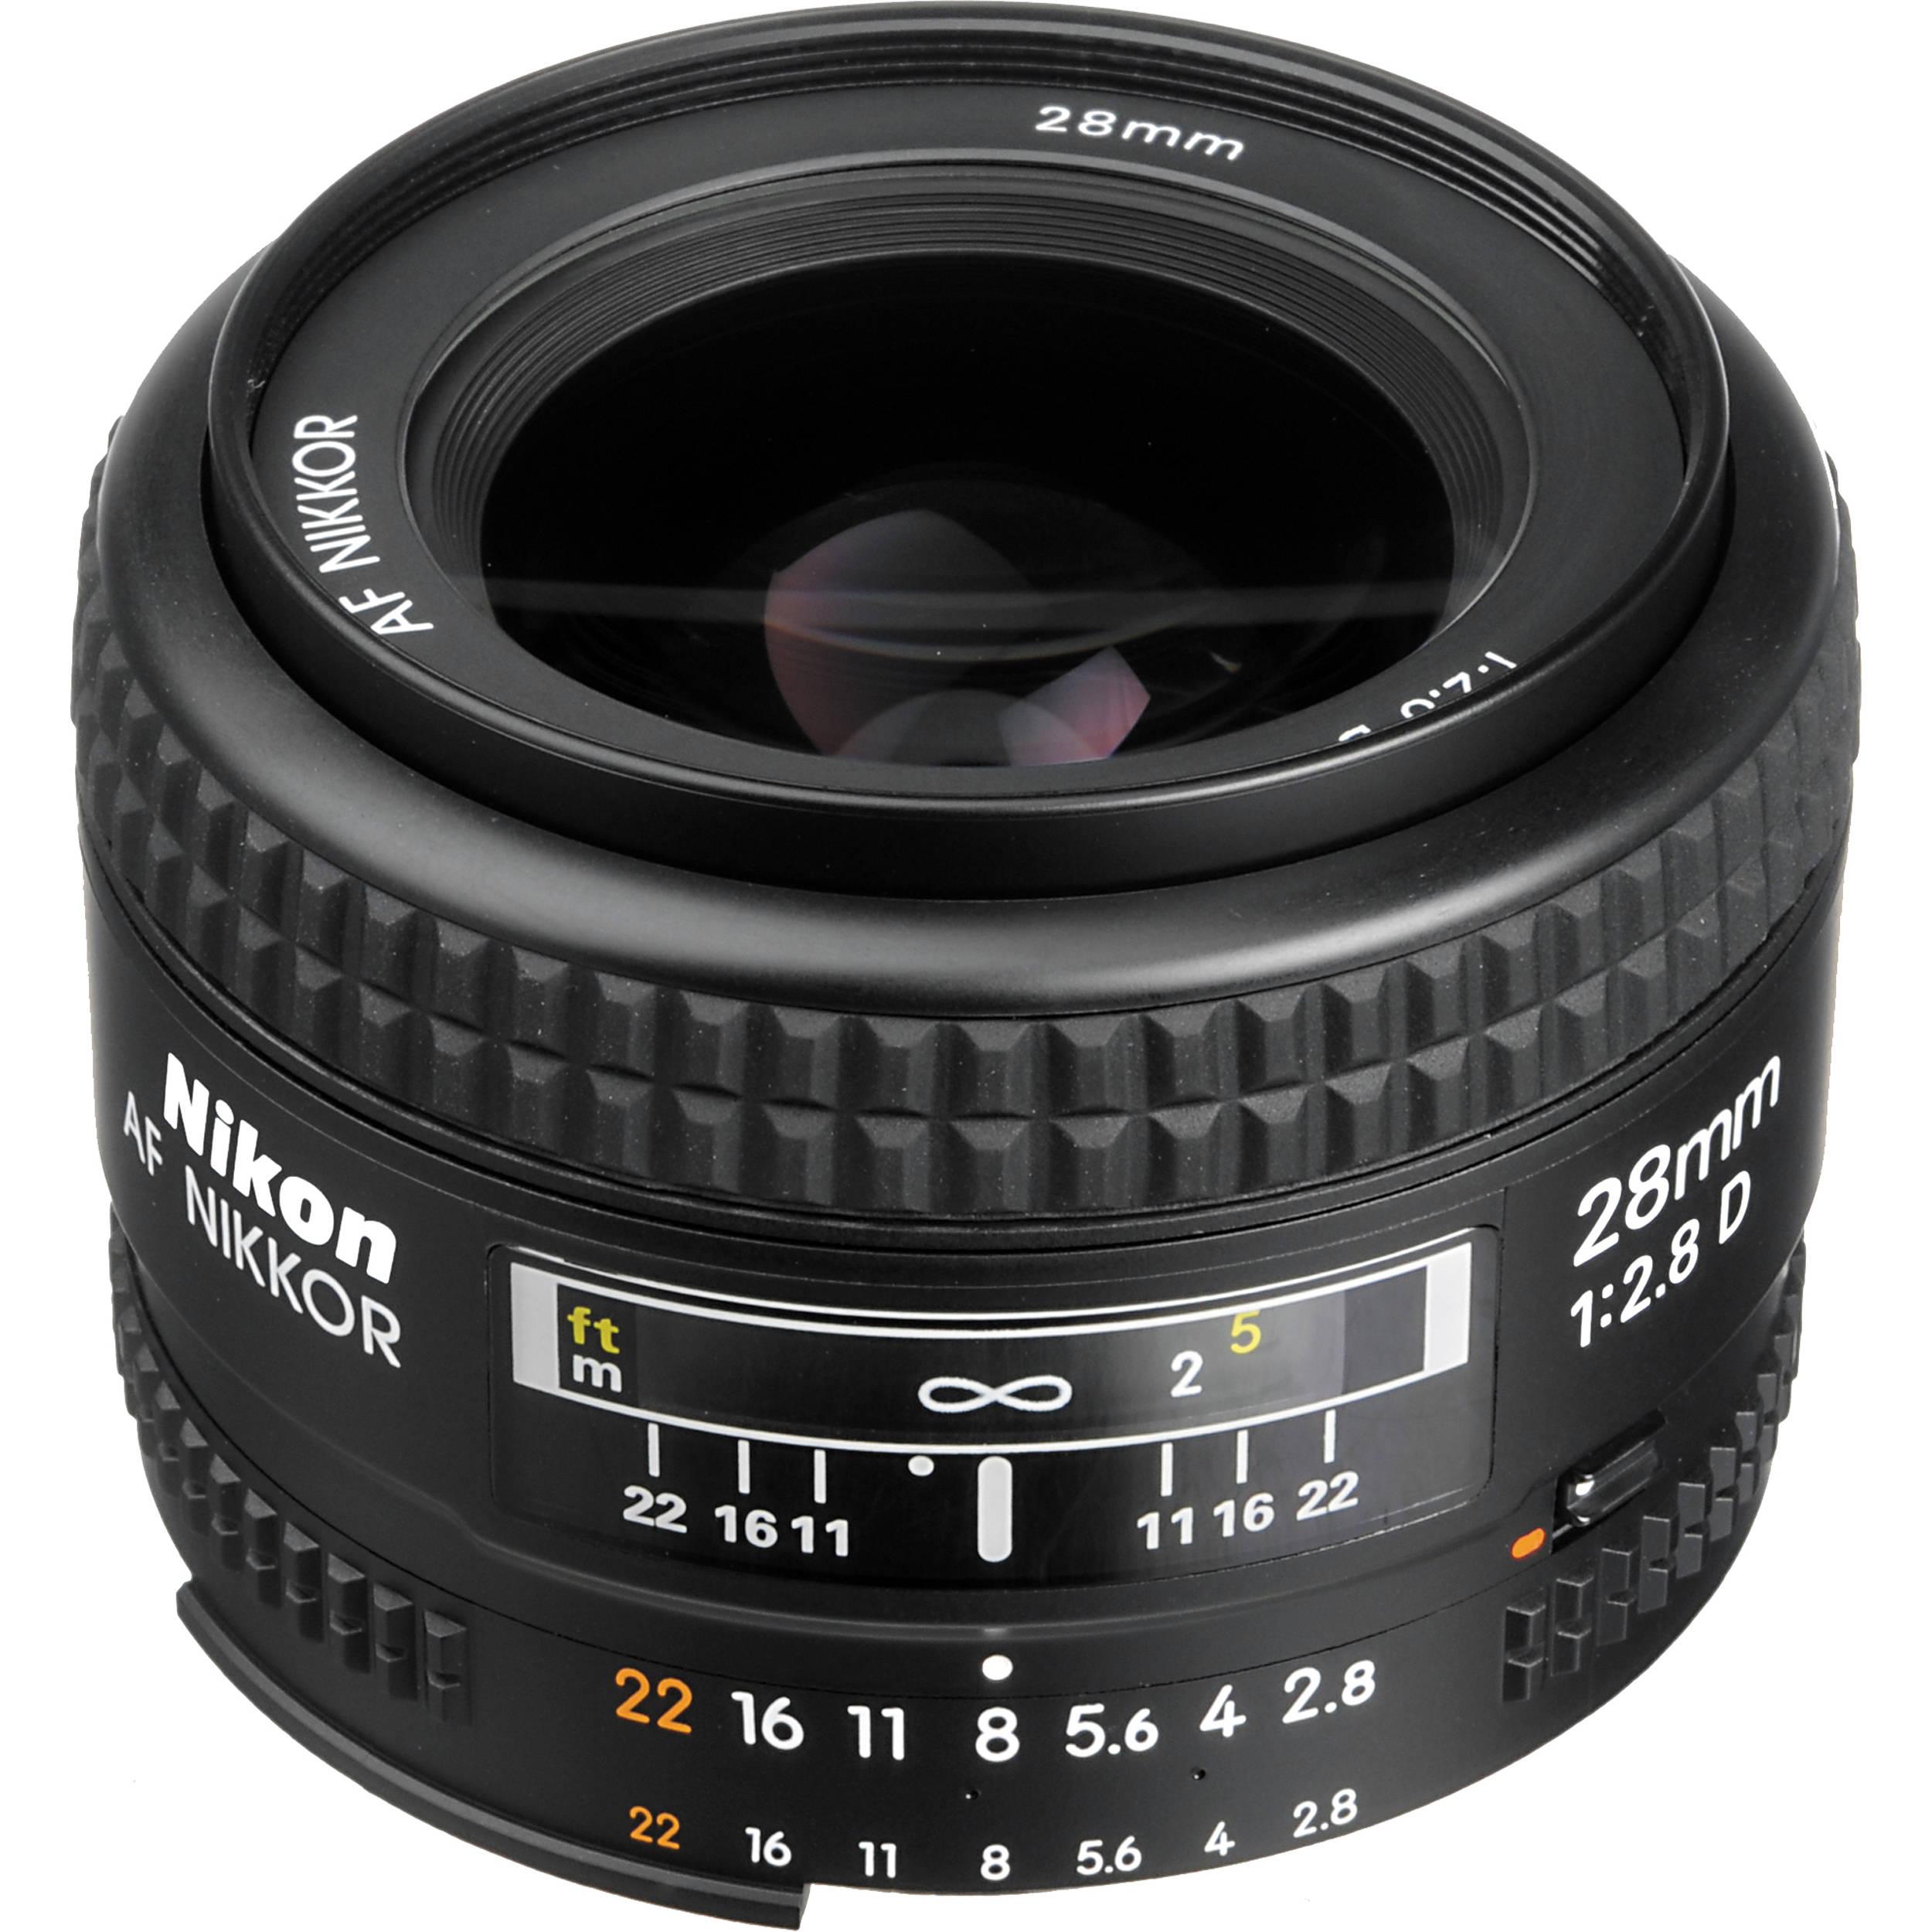 Nikon AF NIKKOR 28mm f/2.8D Lens available at Priceless.pk